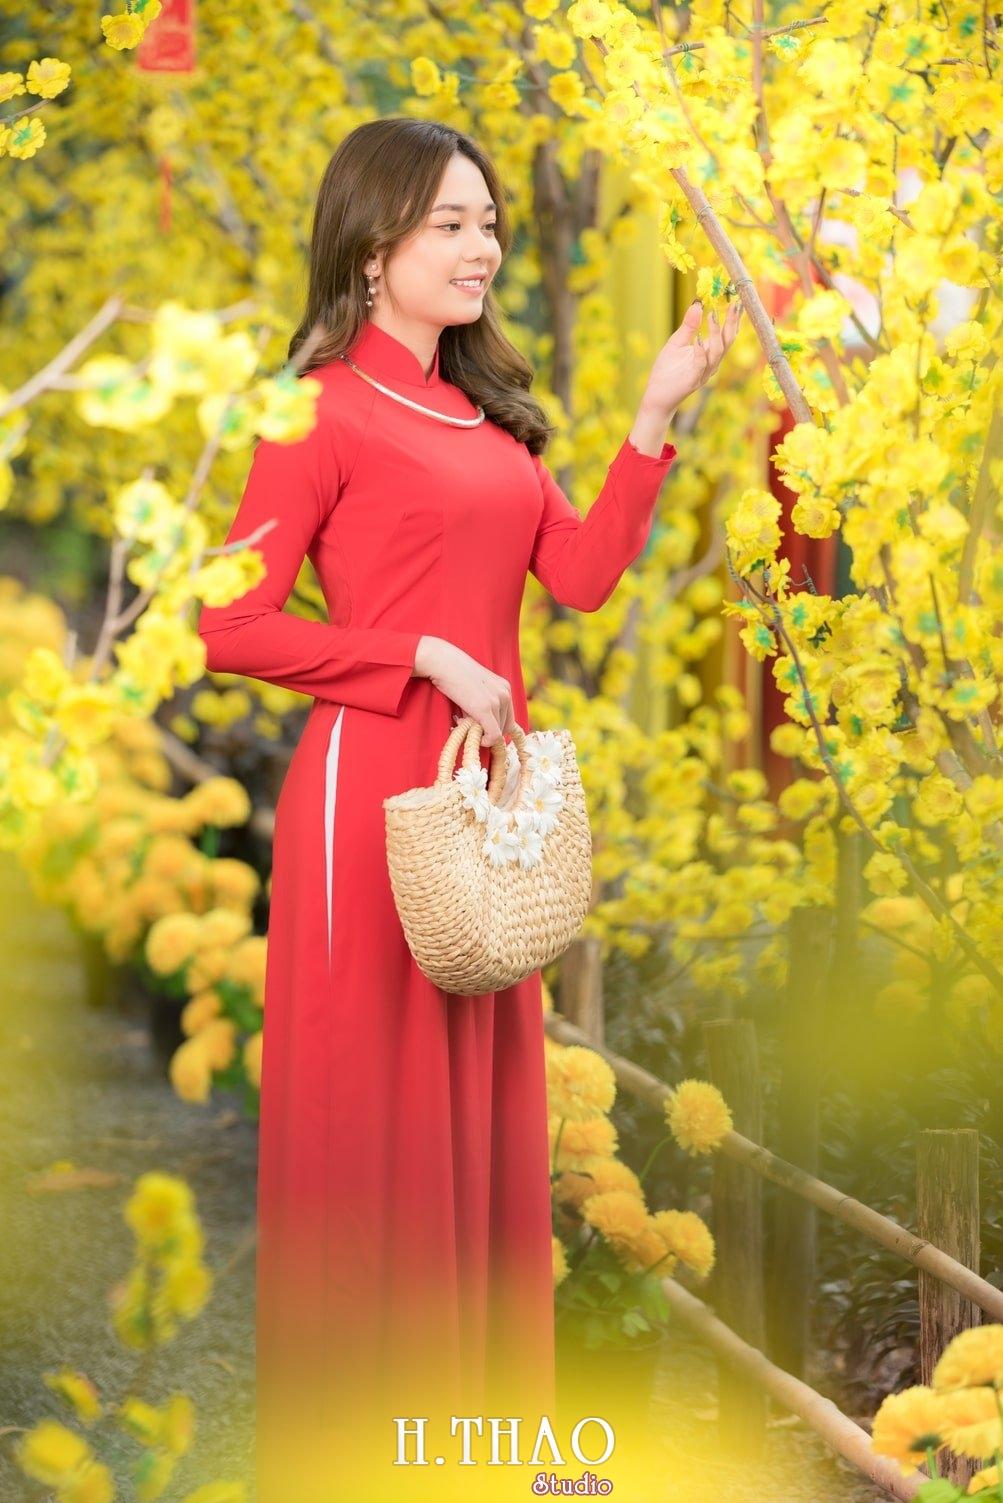 Ao dai tet do 5 - Studio chuyên chụp ảnh tết đẹp, giá rẻ ở TpHCM – HThao Studio